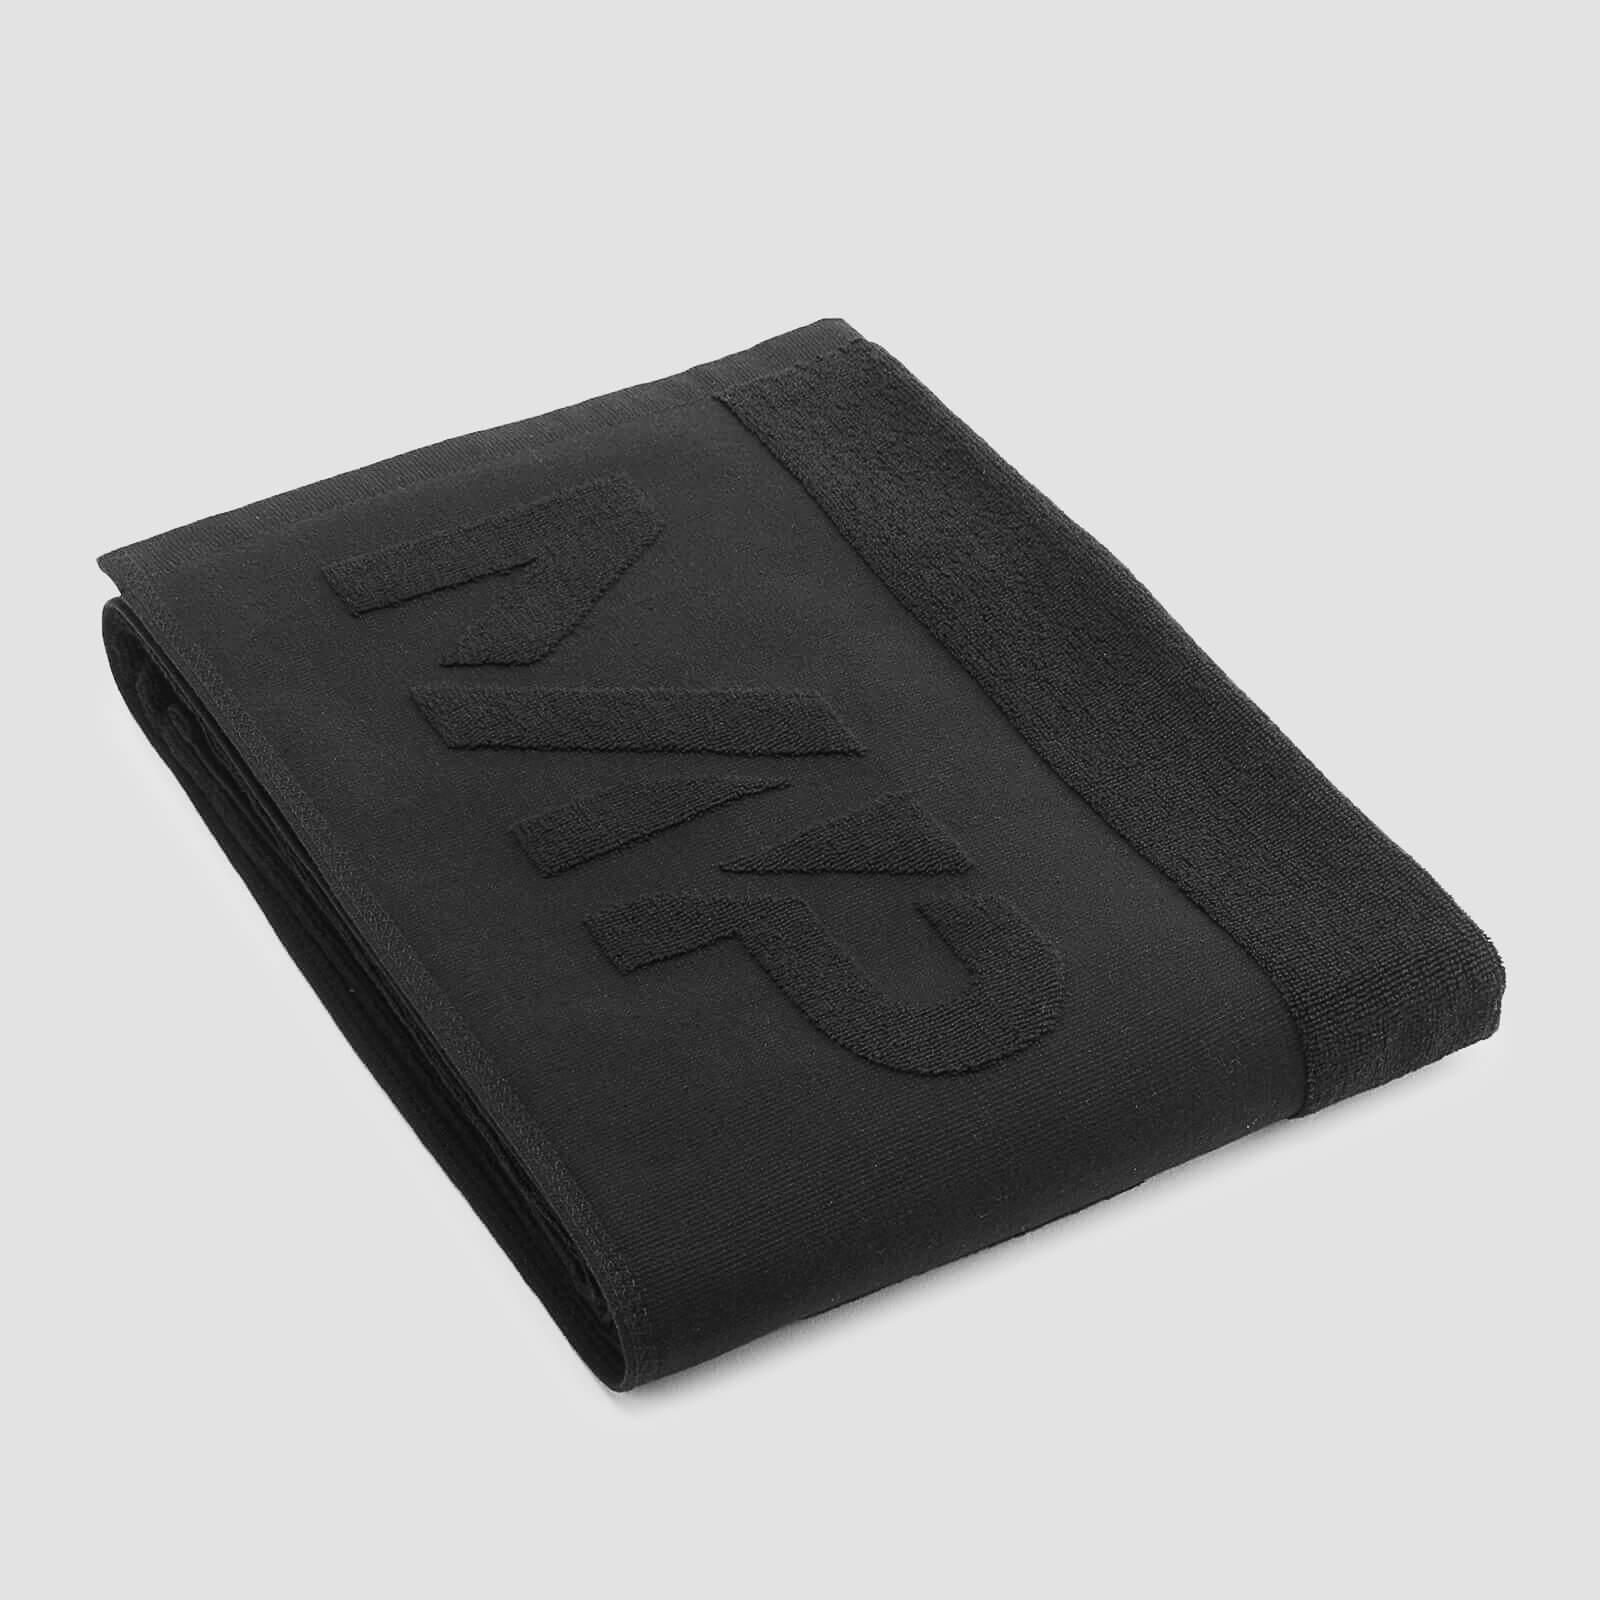 Myprotein MP Essentials Large Towel - Black